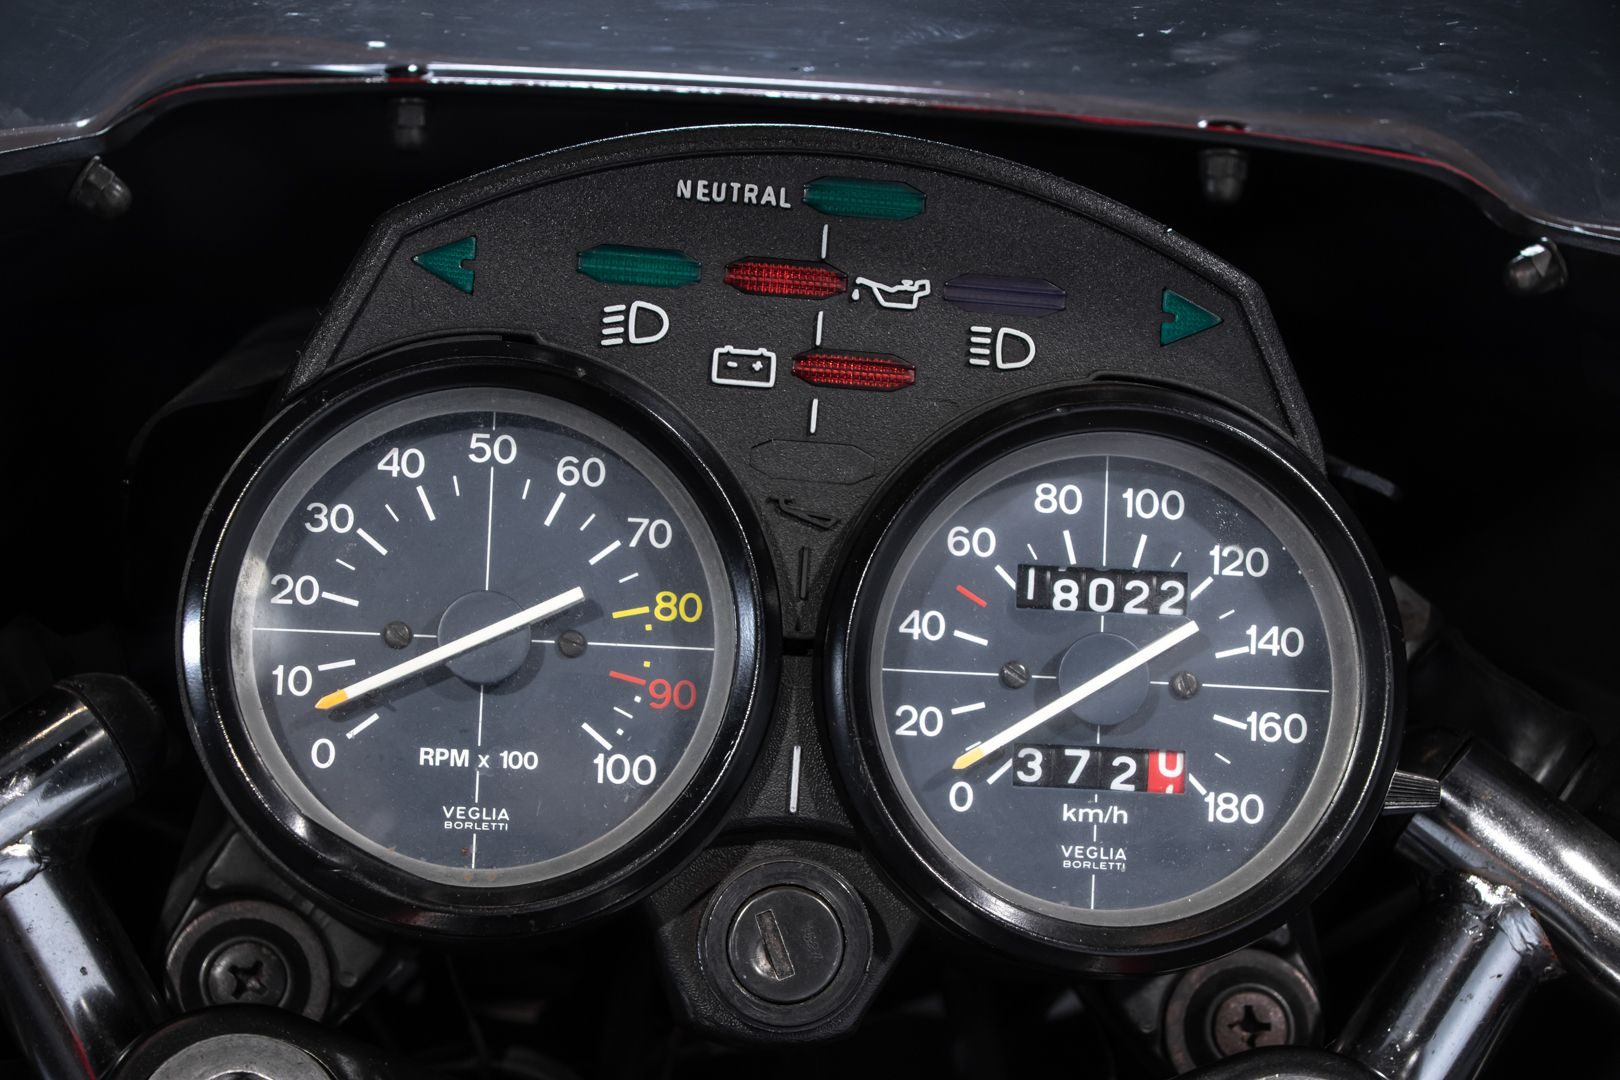 1982 Moto Guzzi 350 Imola 78834